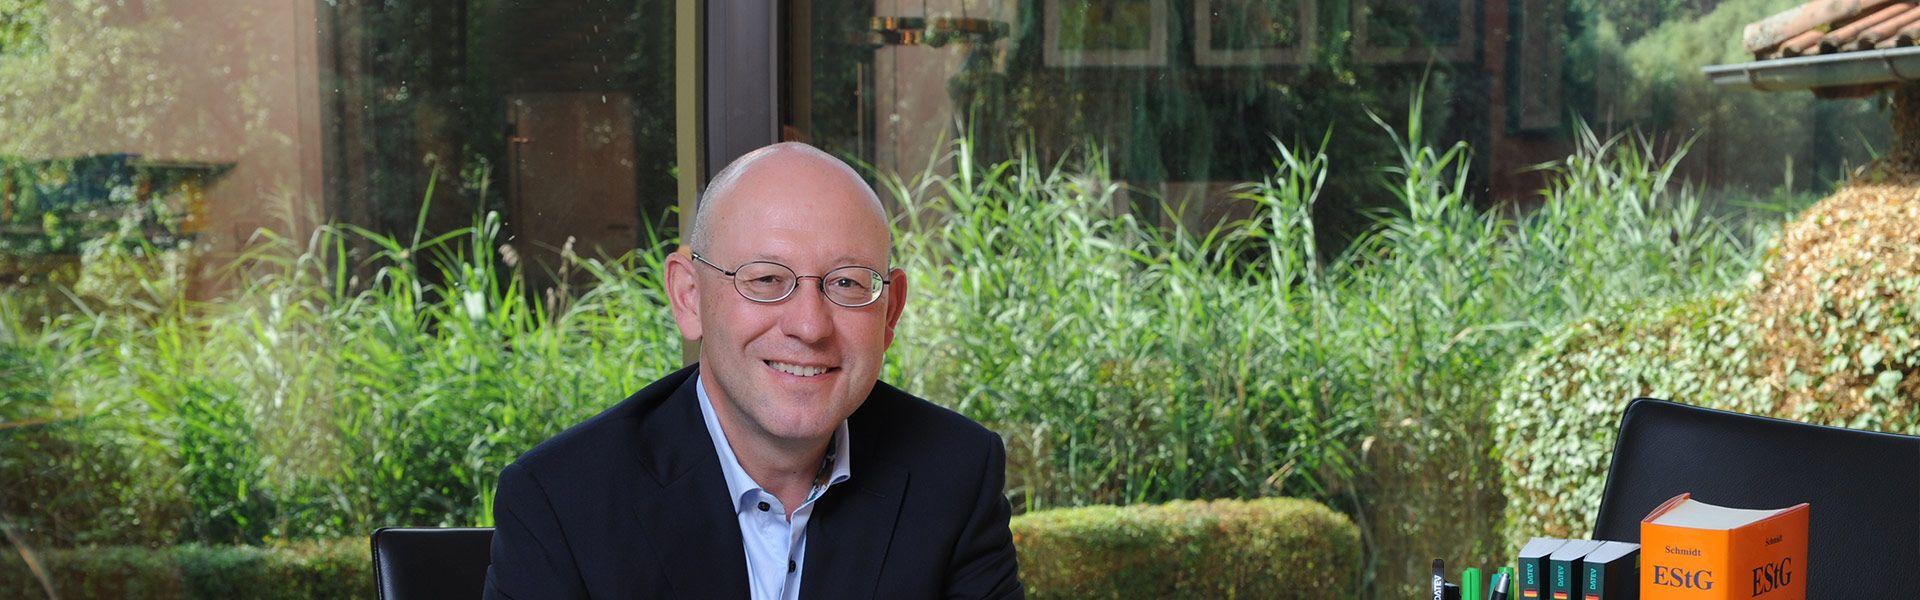 Zur Person: Rainer Lehrieder, Steuerberater